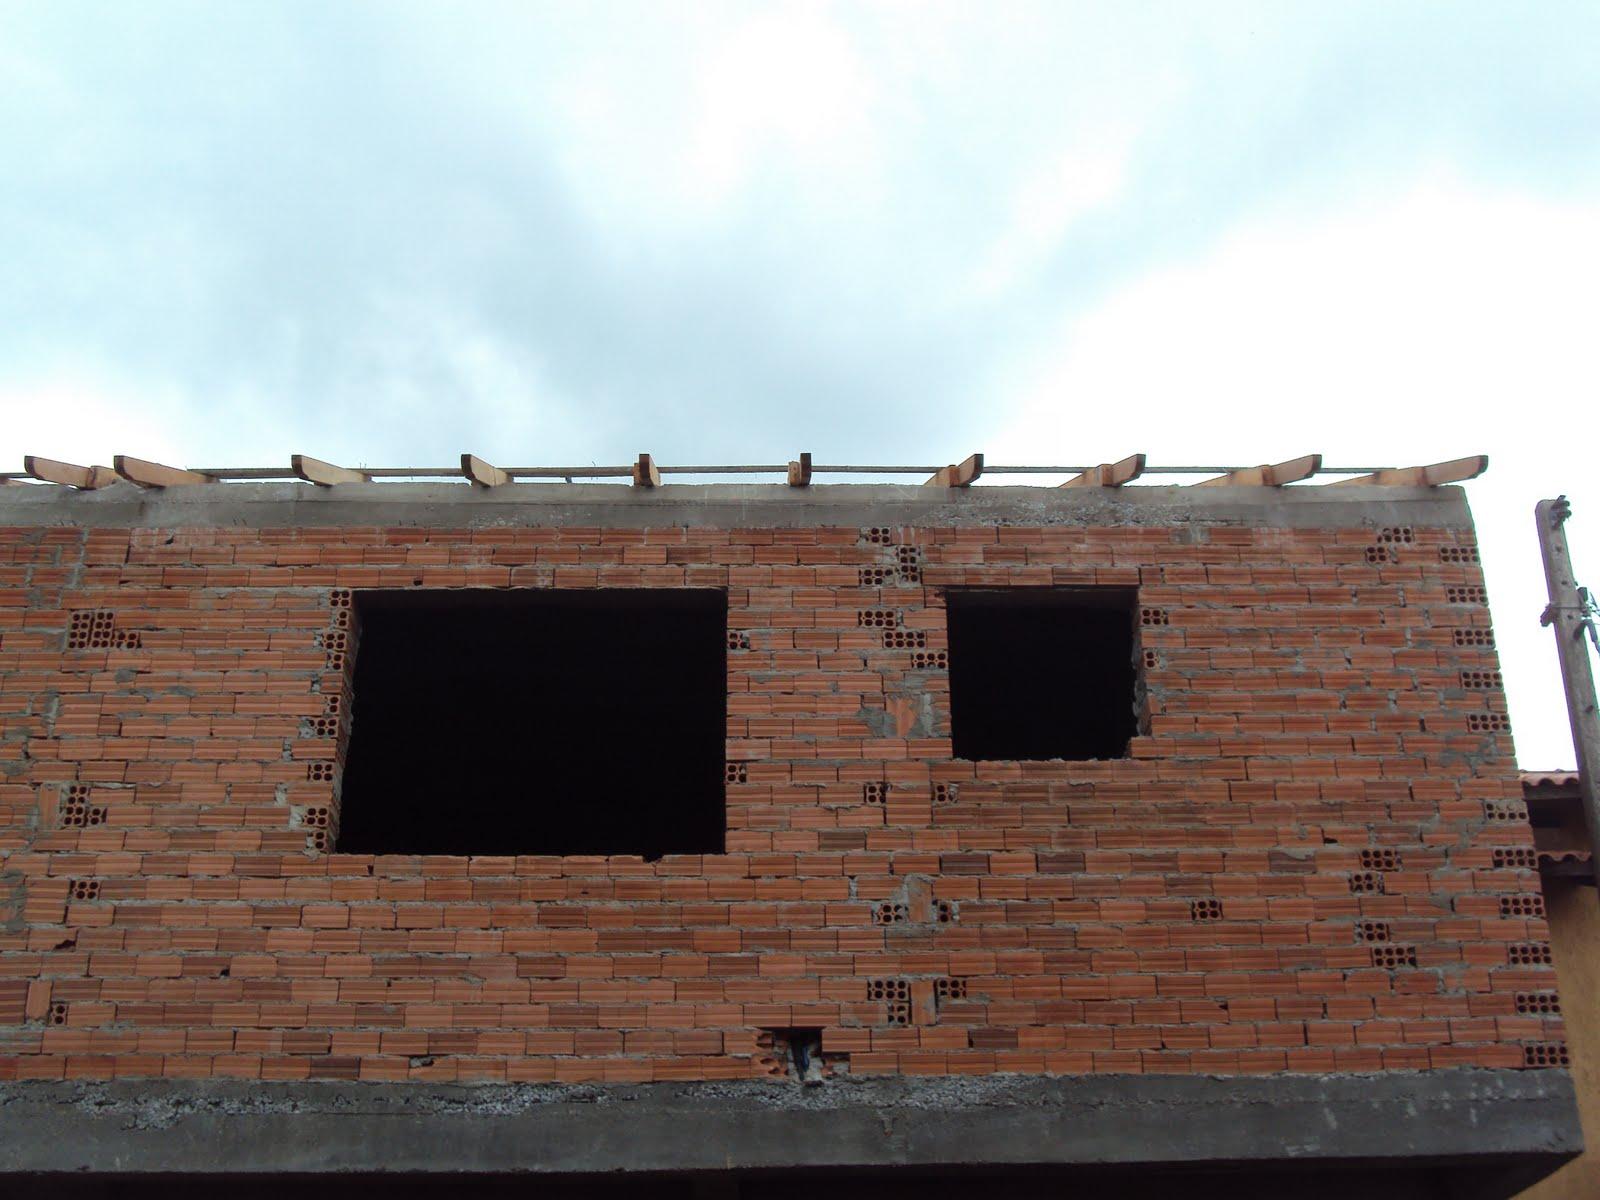 Porto Alegre RS: Avança o madeiramento do telhado das Casas 3 e 4 #2090AB 1600x1200